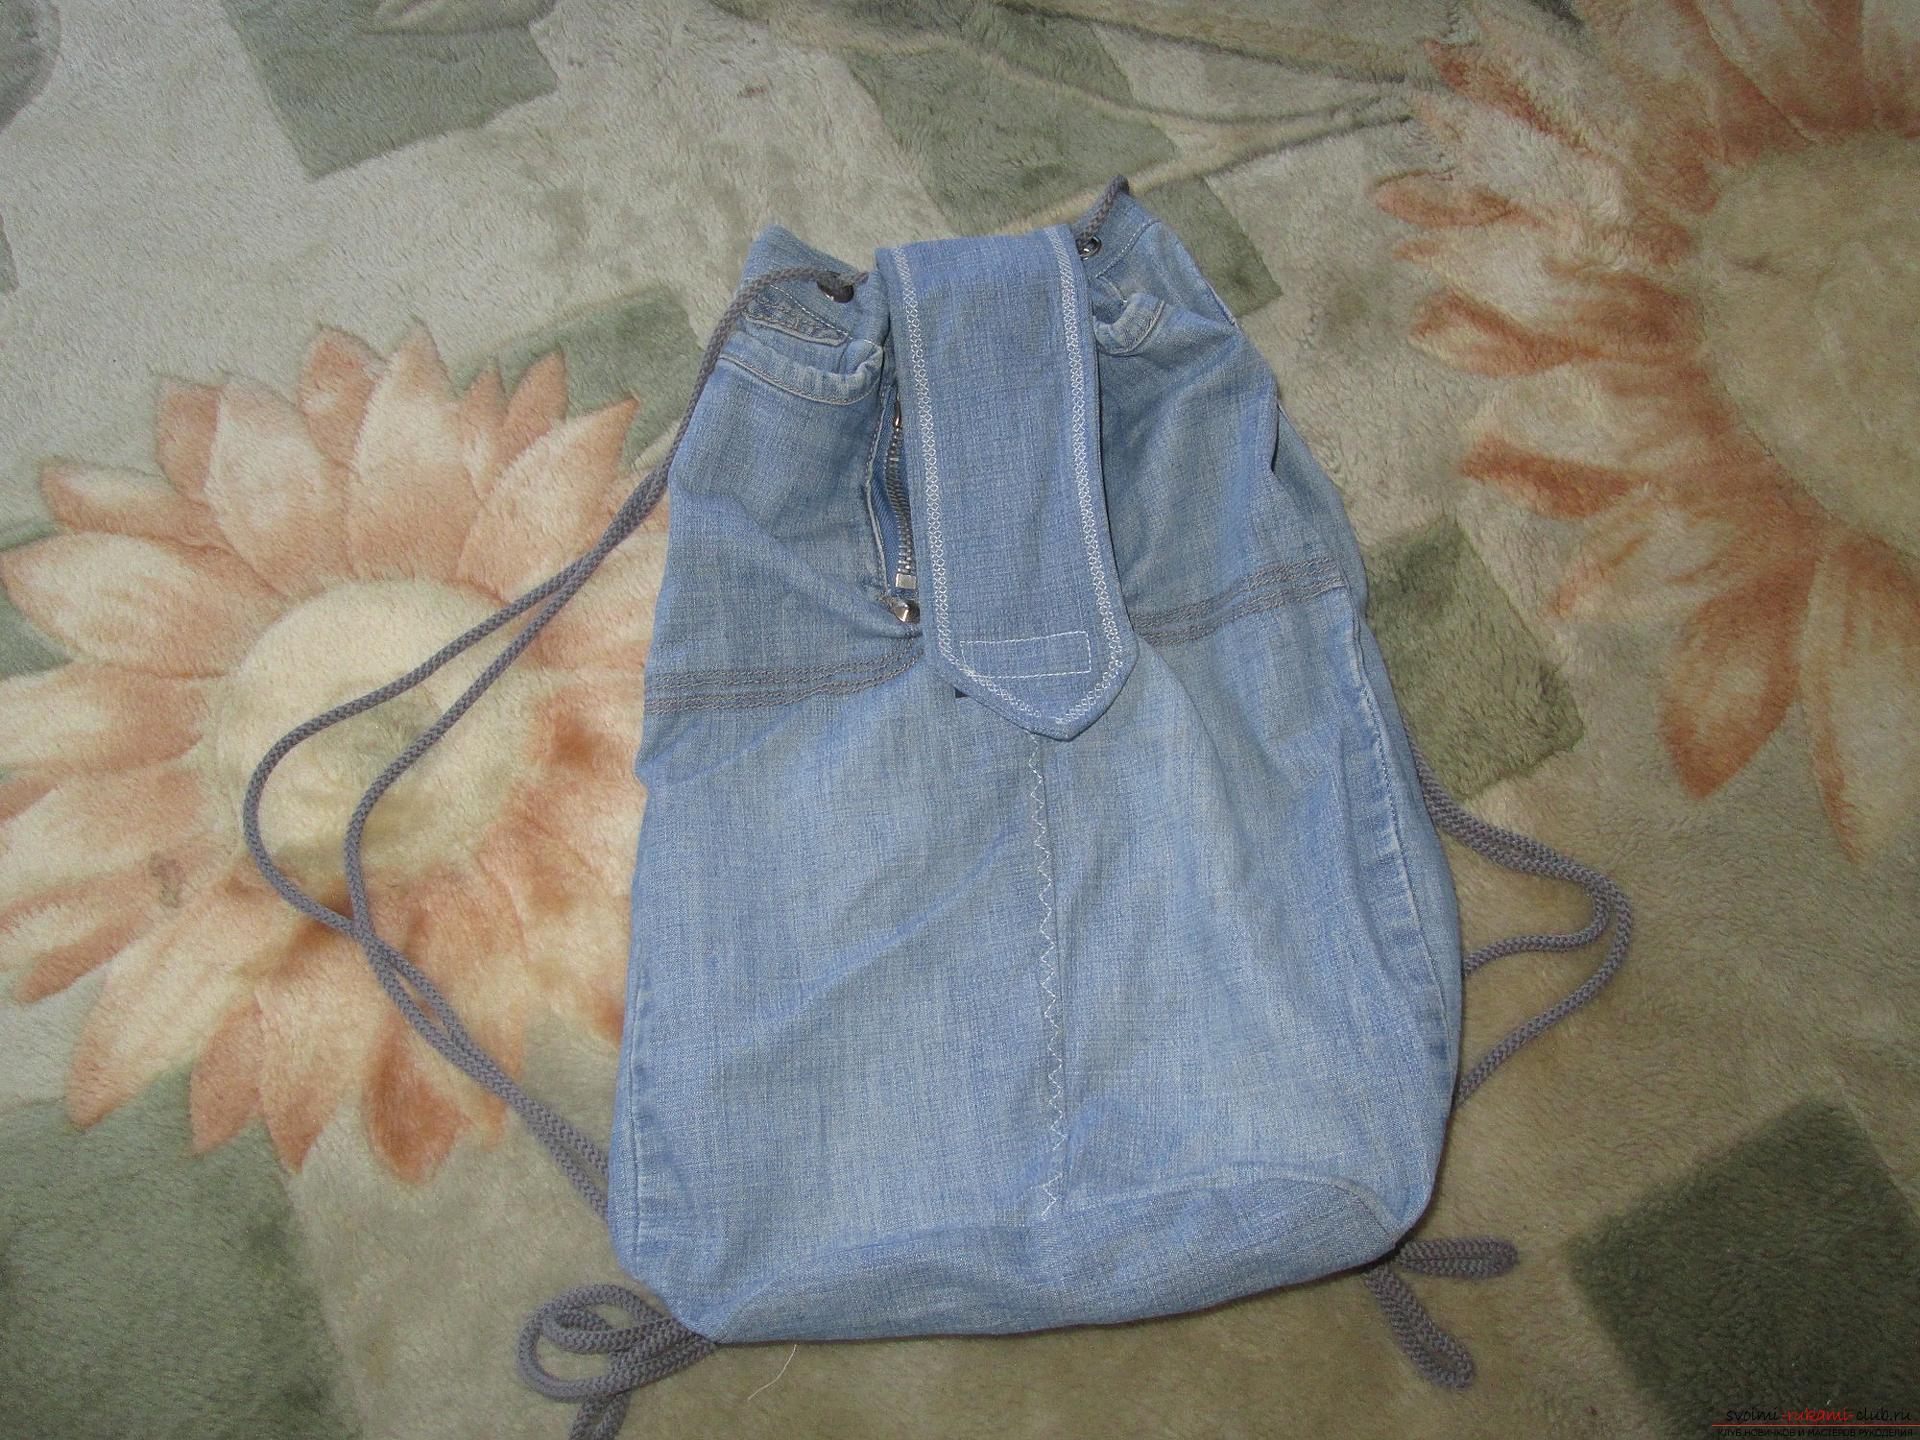 Шьем джинсовый рюкзак своими руками фото и выкройки